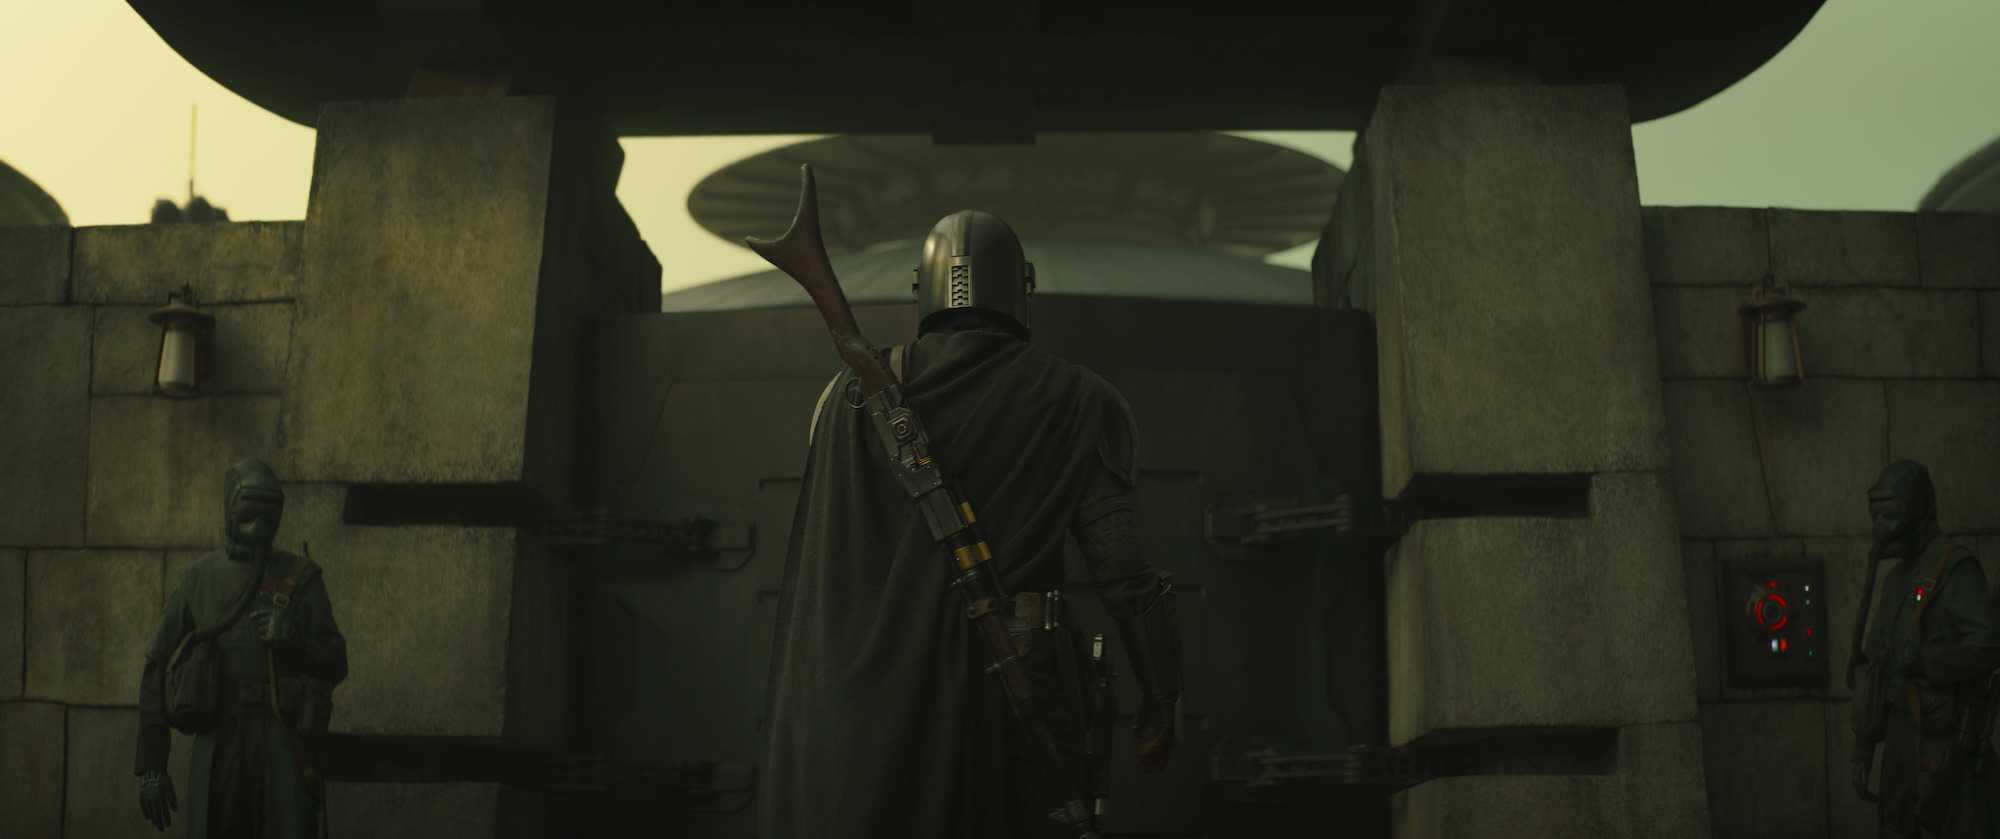 """Mando sur Corvus dans 'The Mandalorian' """"Chapitre 13: Les Jedi"""""""